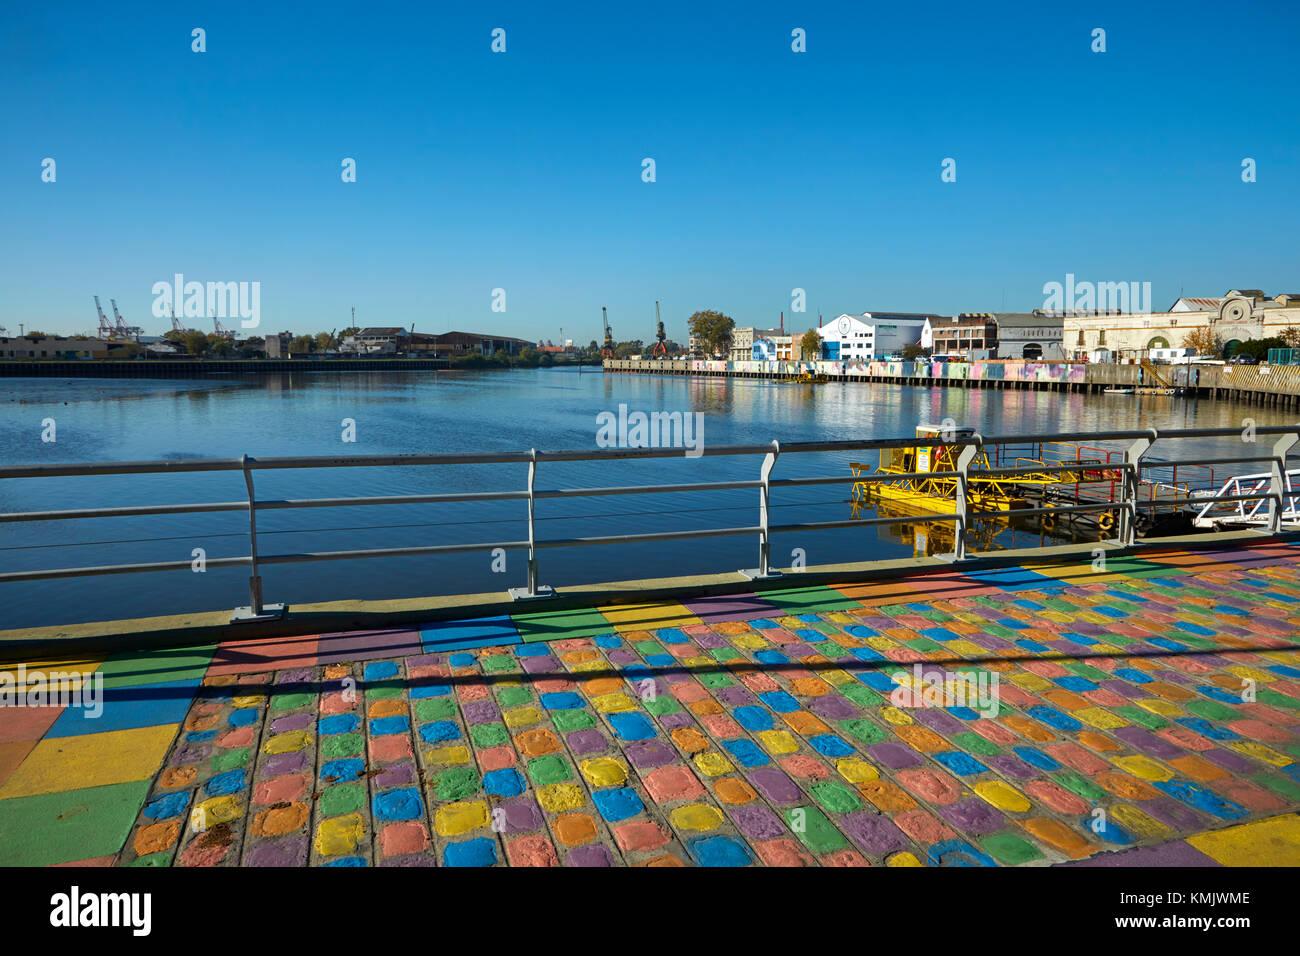 Pavés peints et matanza river, la Boca, Buenos Aires, Argentine, Amérique du Sud Photo Stock